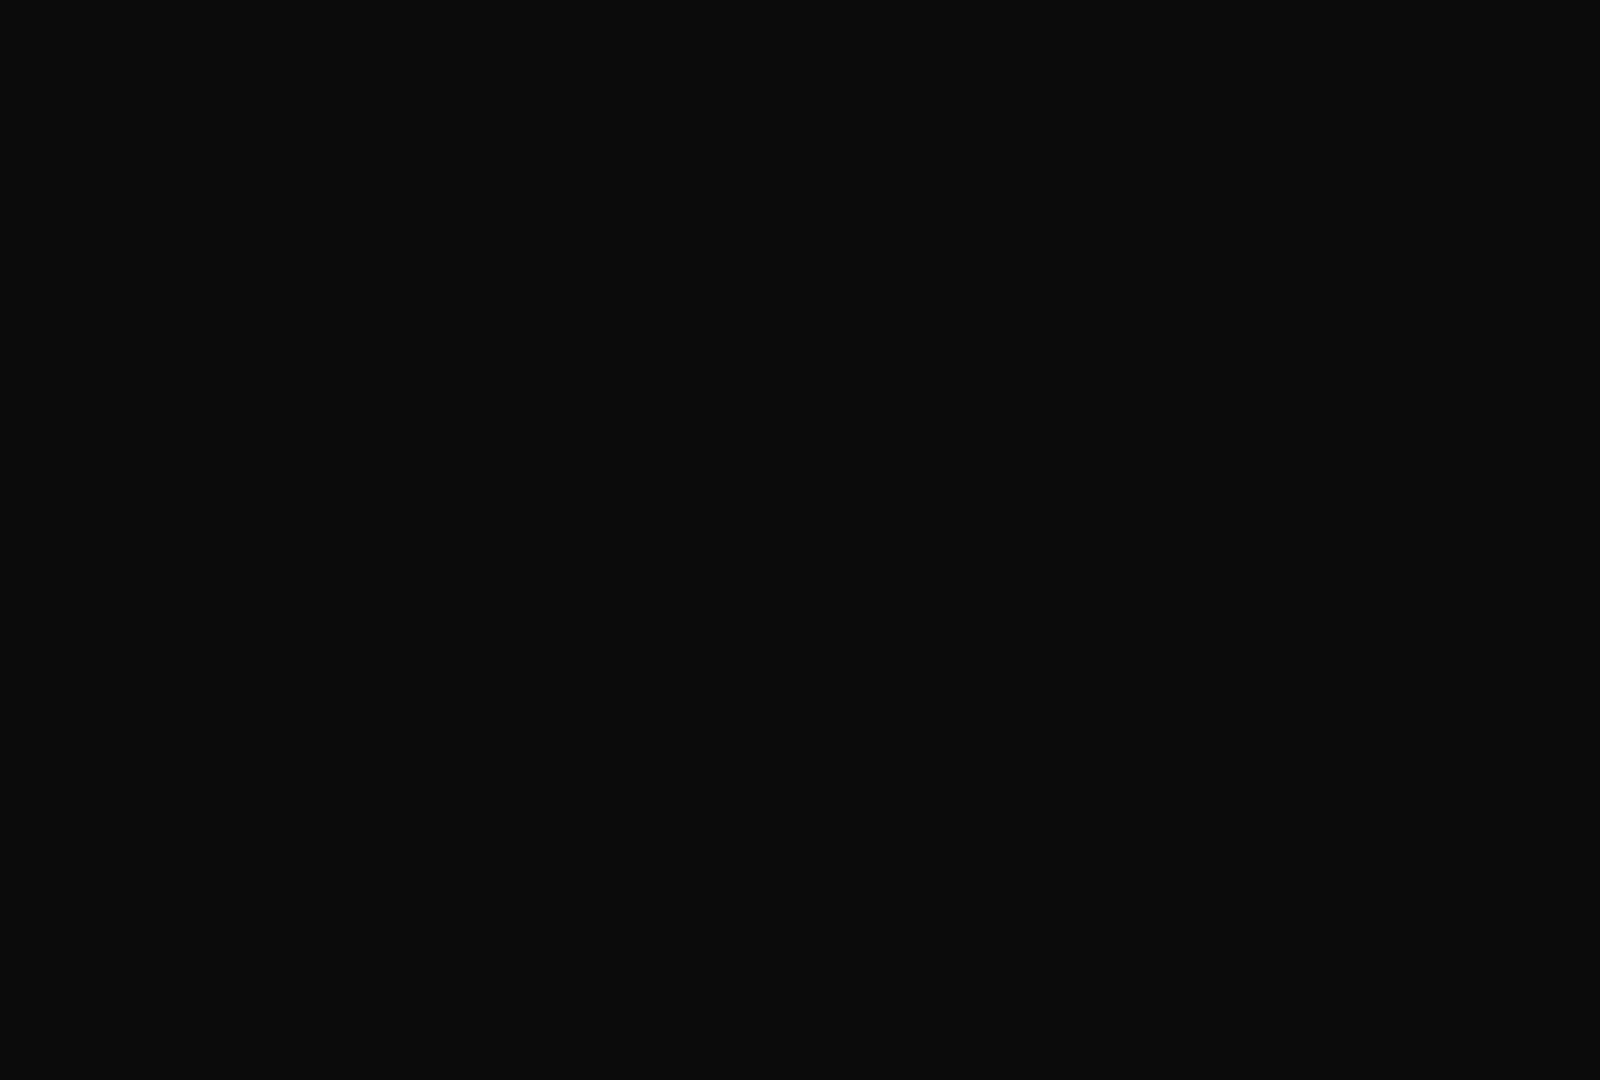 充血監督の深夜の運動会Vol.85 セックス  50PIX 21